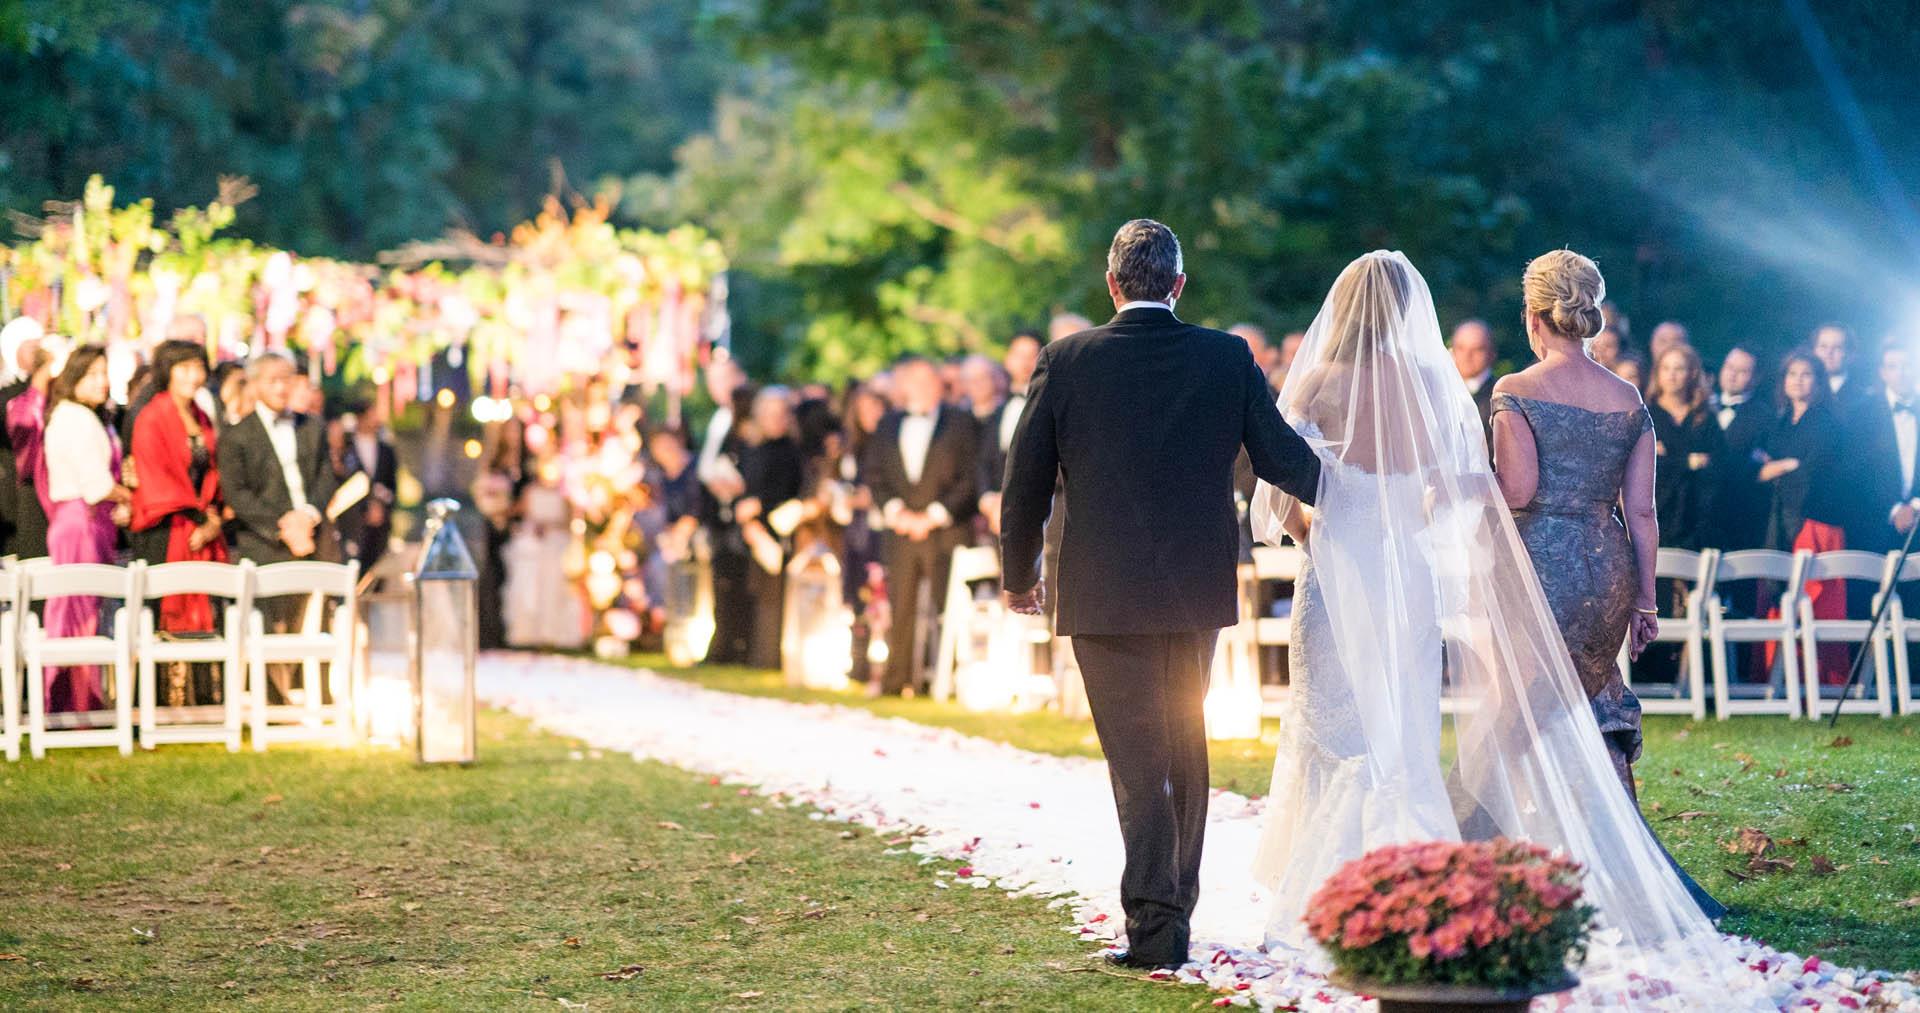 Ceremonies & Special Events Venue NJ